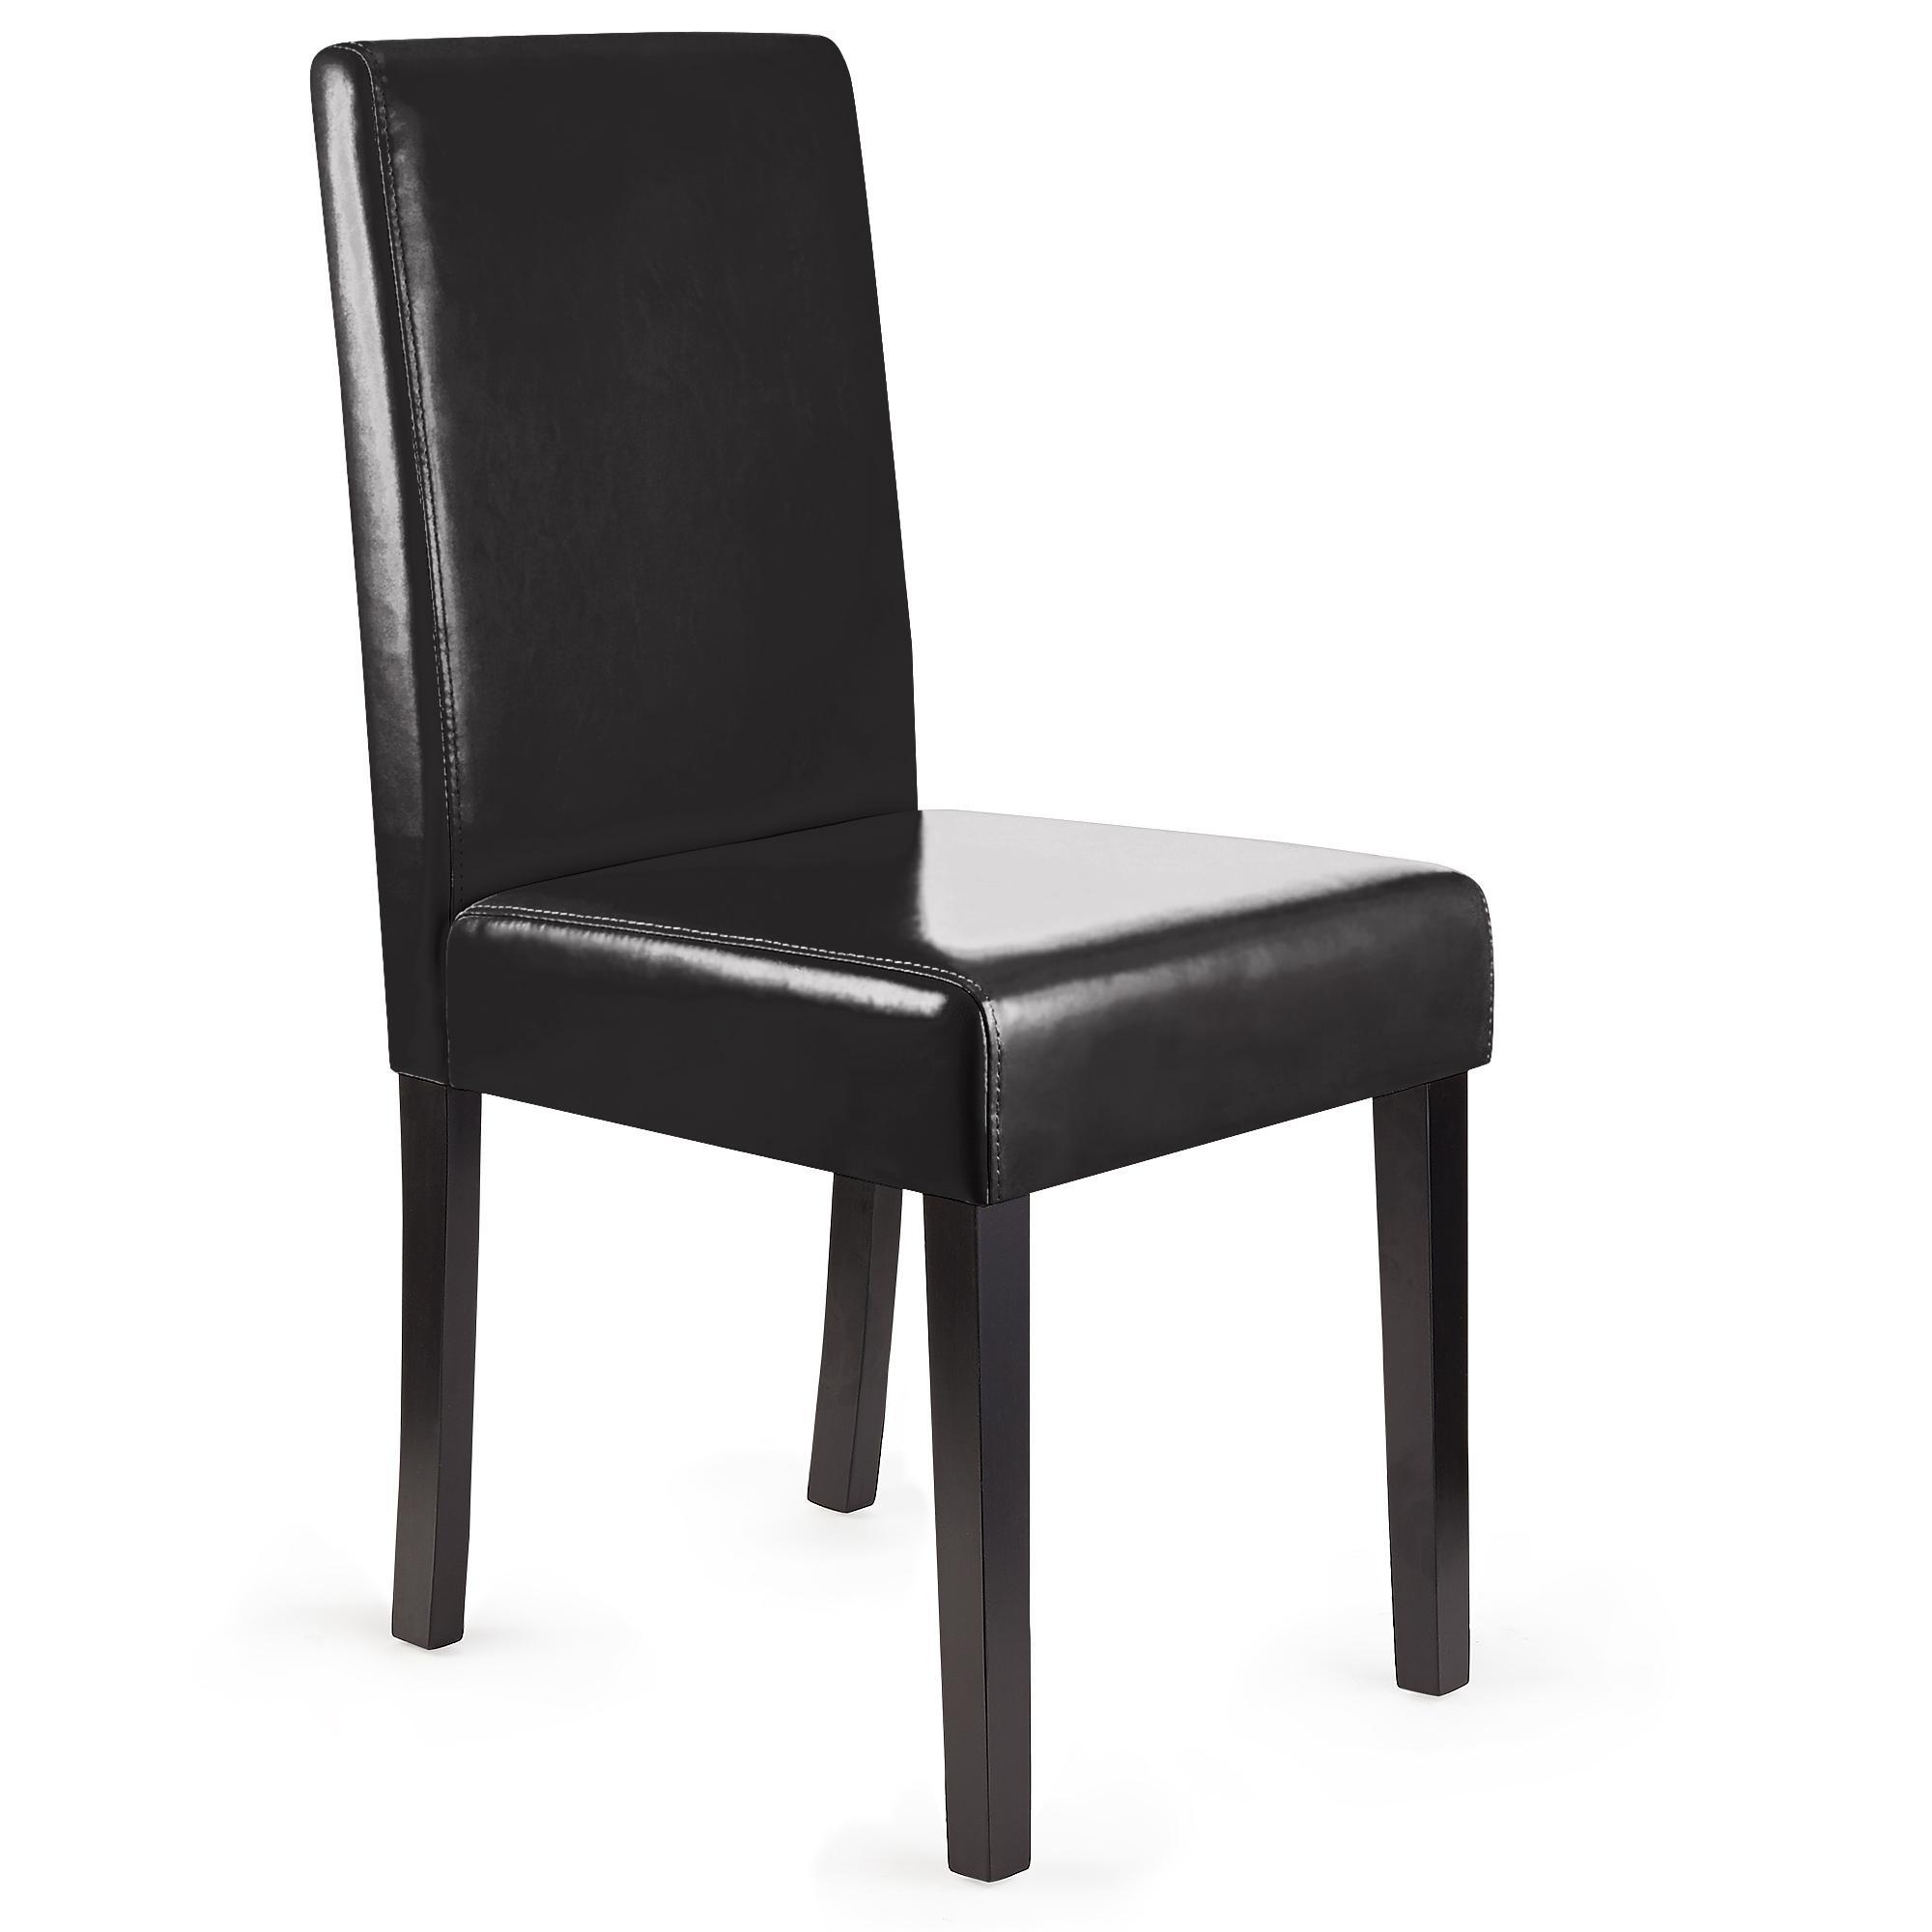 Lote 2 sillas de comedor littau negro patas oscuras for Sillas de comedor de cuero